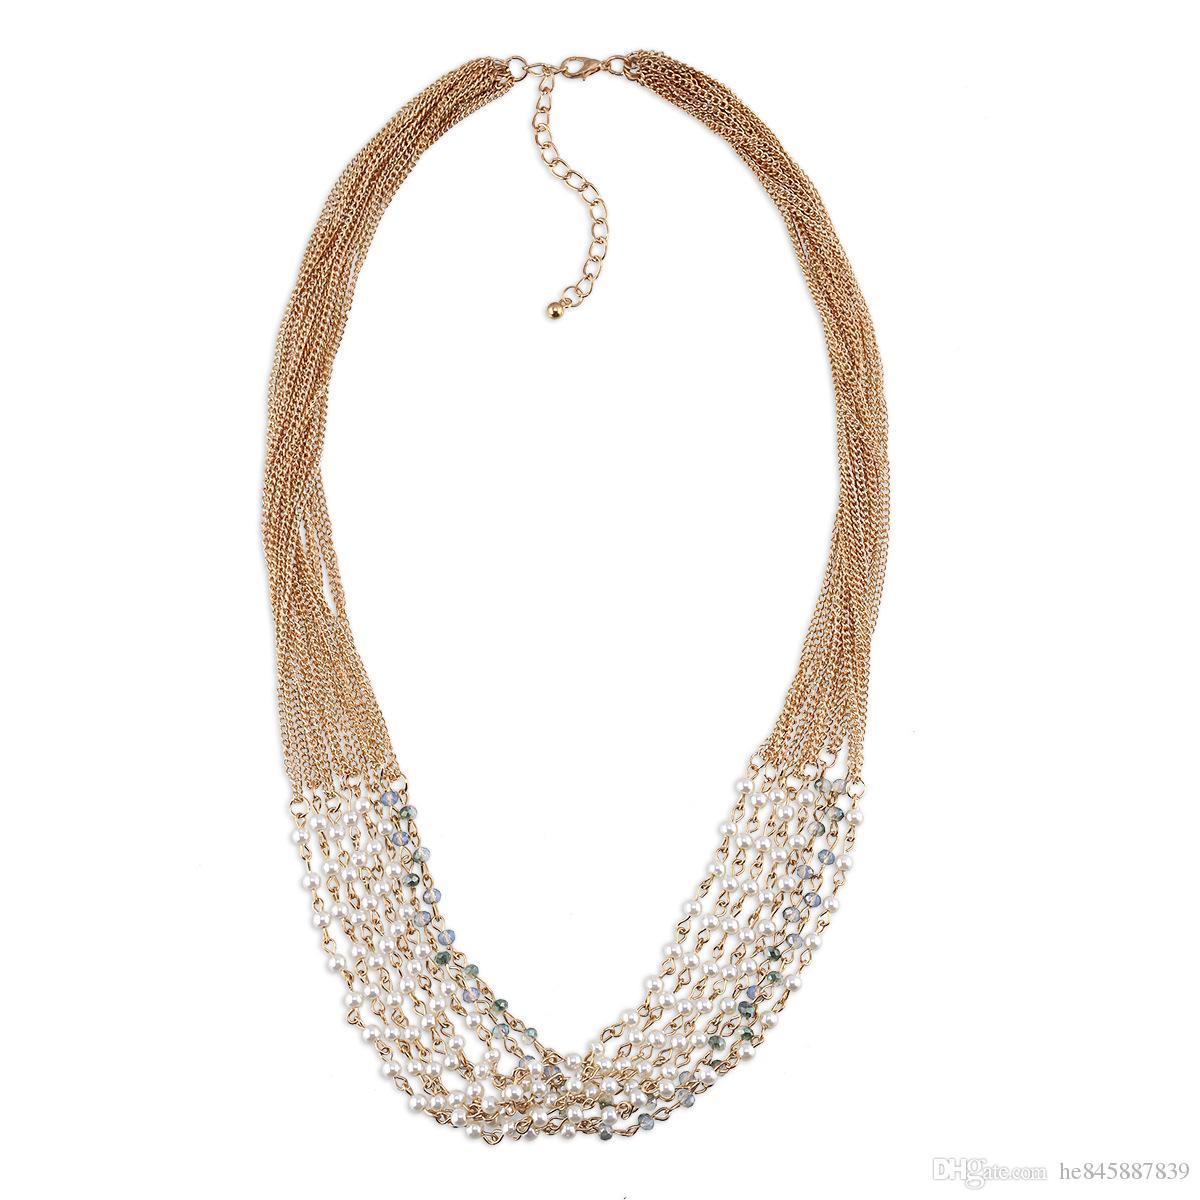 Maglione Di Lusso Gioielli D'oro Perle Perline Collane Acquista xrdBCoWe